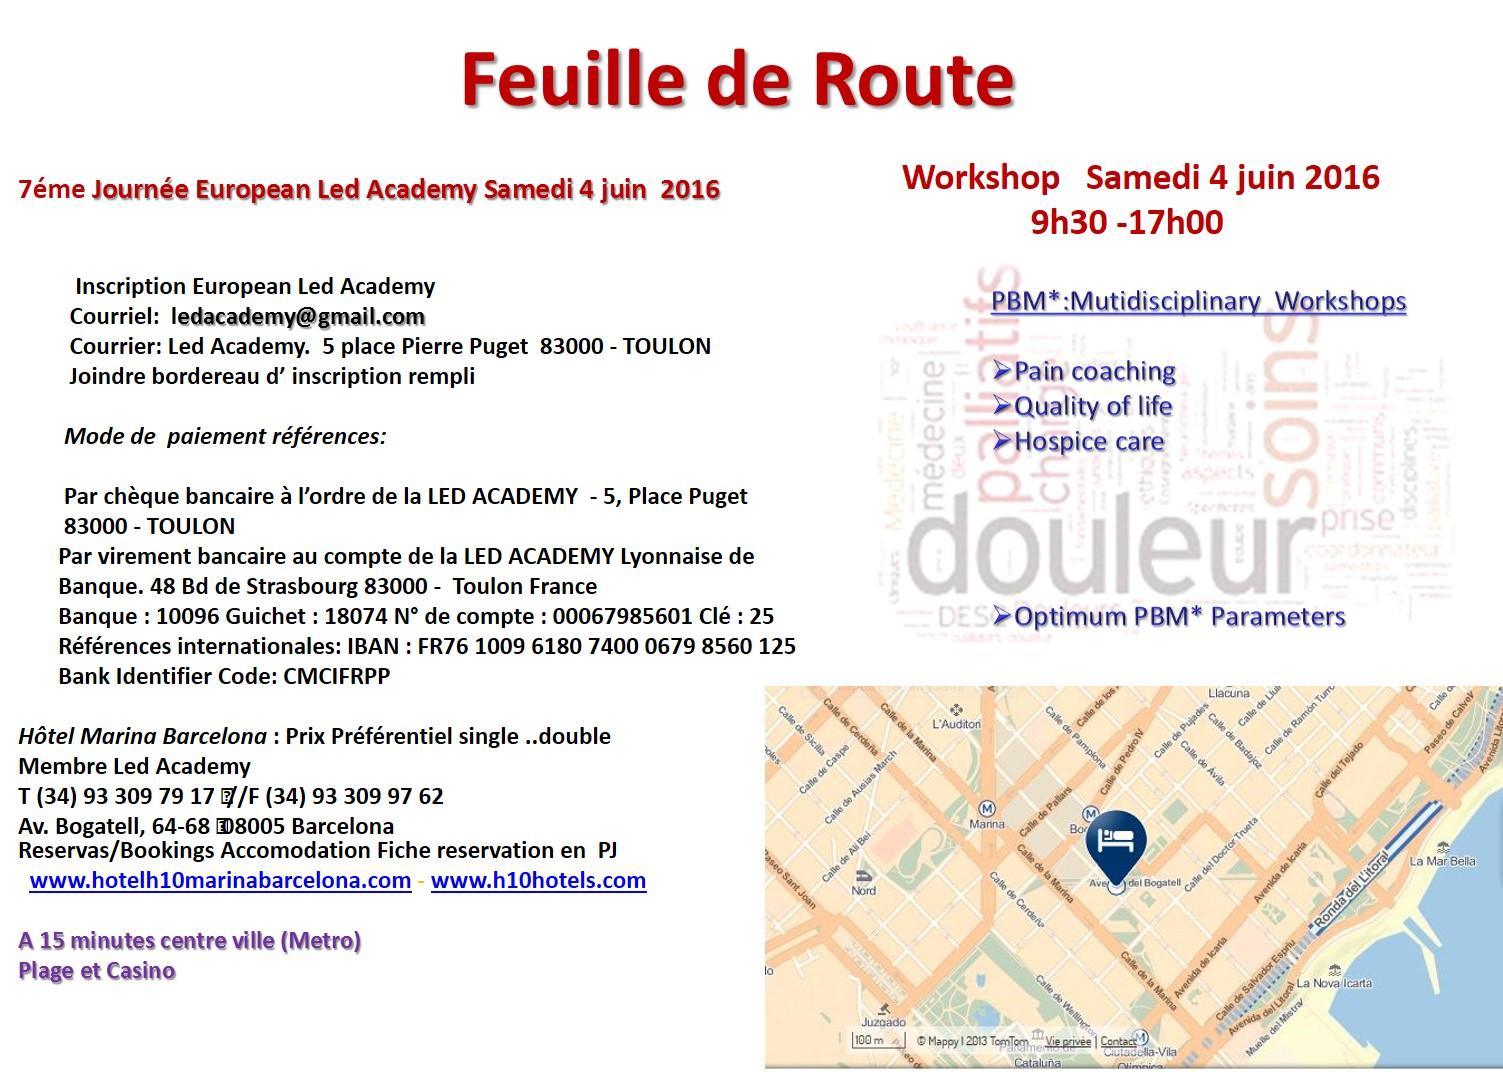 Feuille de route Barcelone 3 et 4 Juin 2016